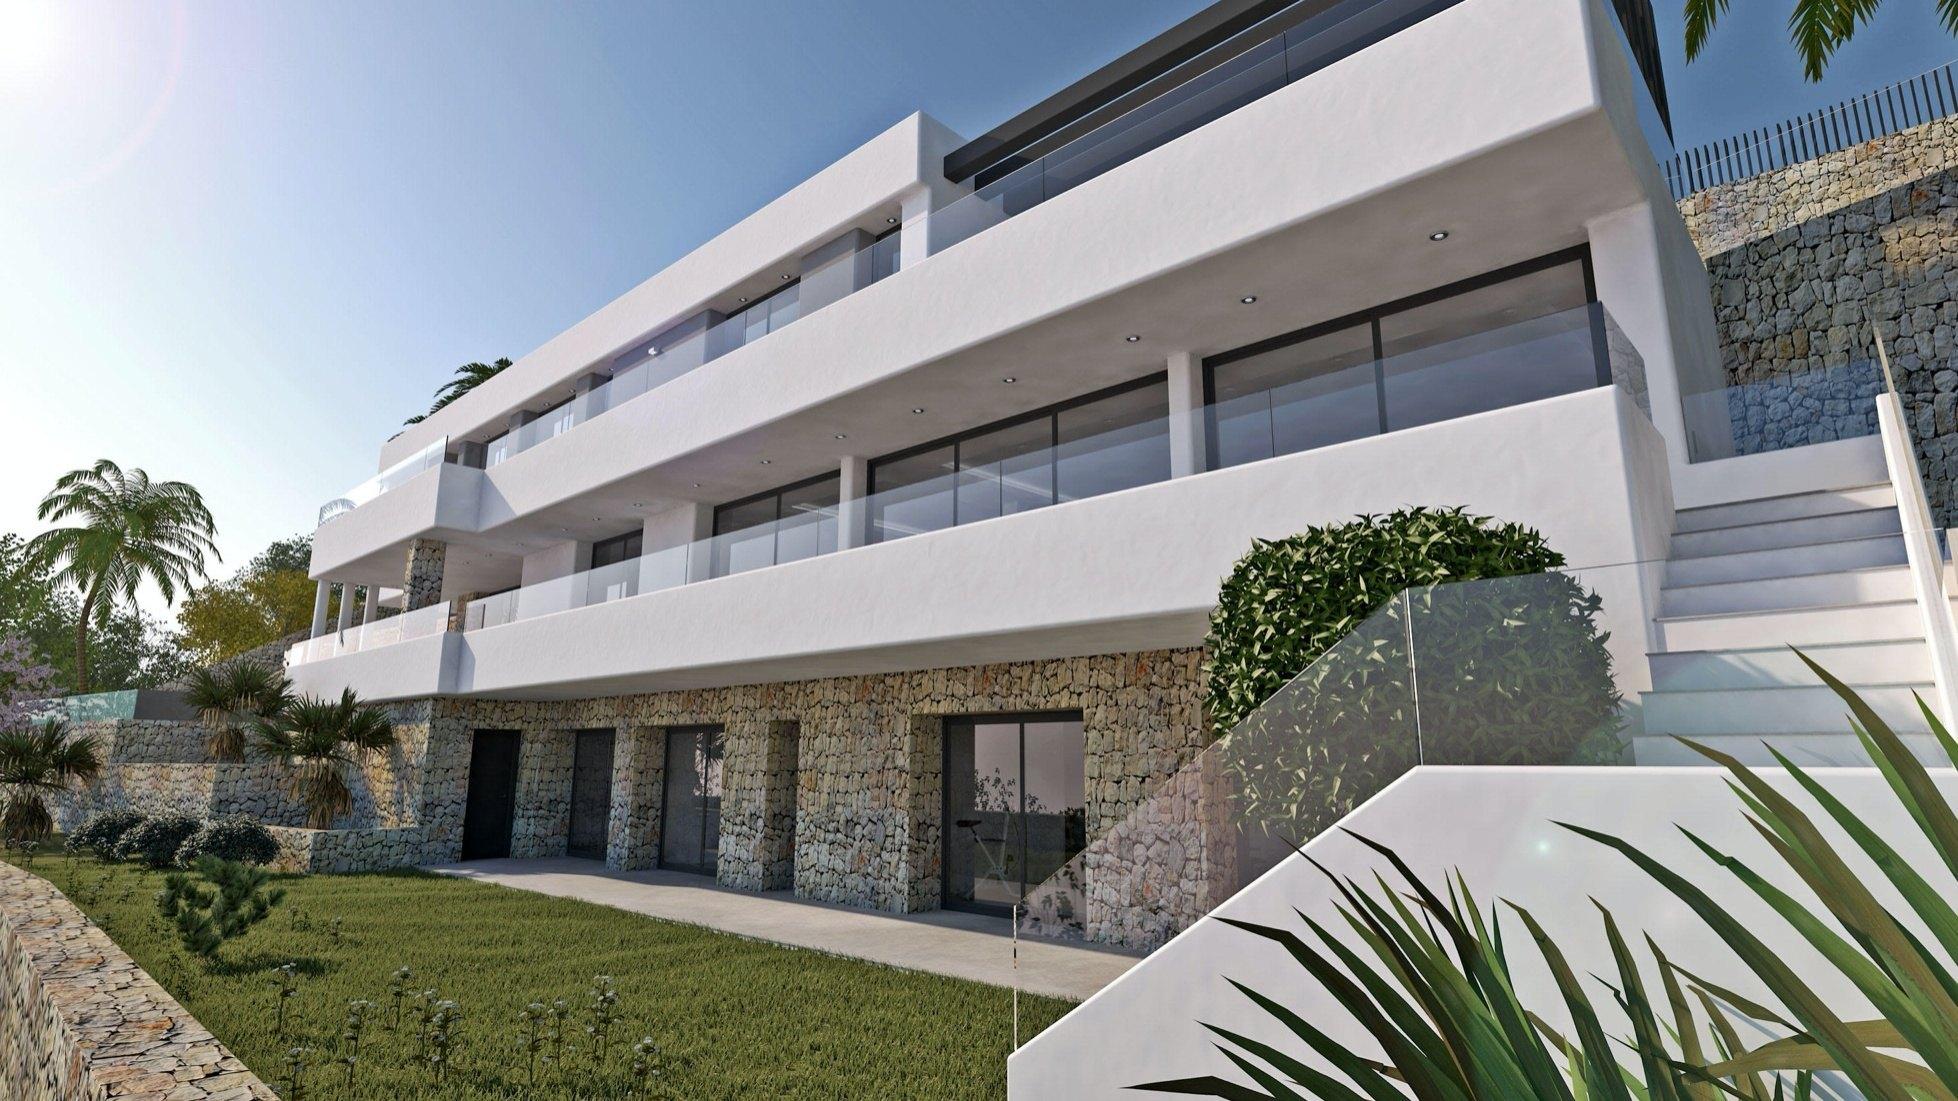 New Build in Javea La Corona